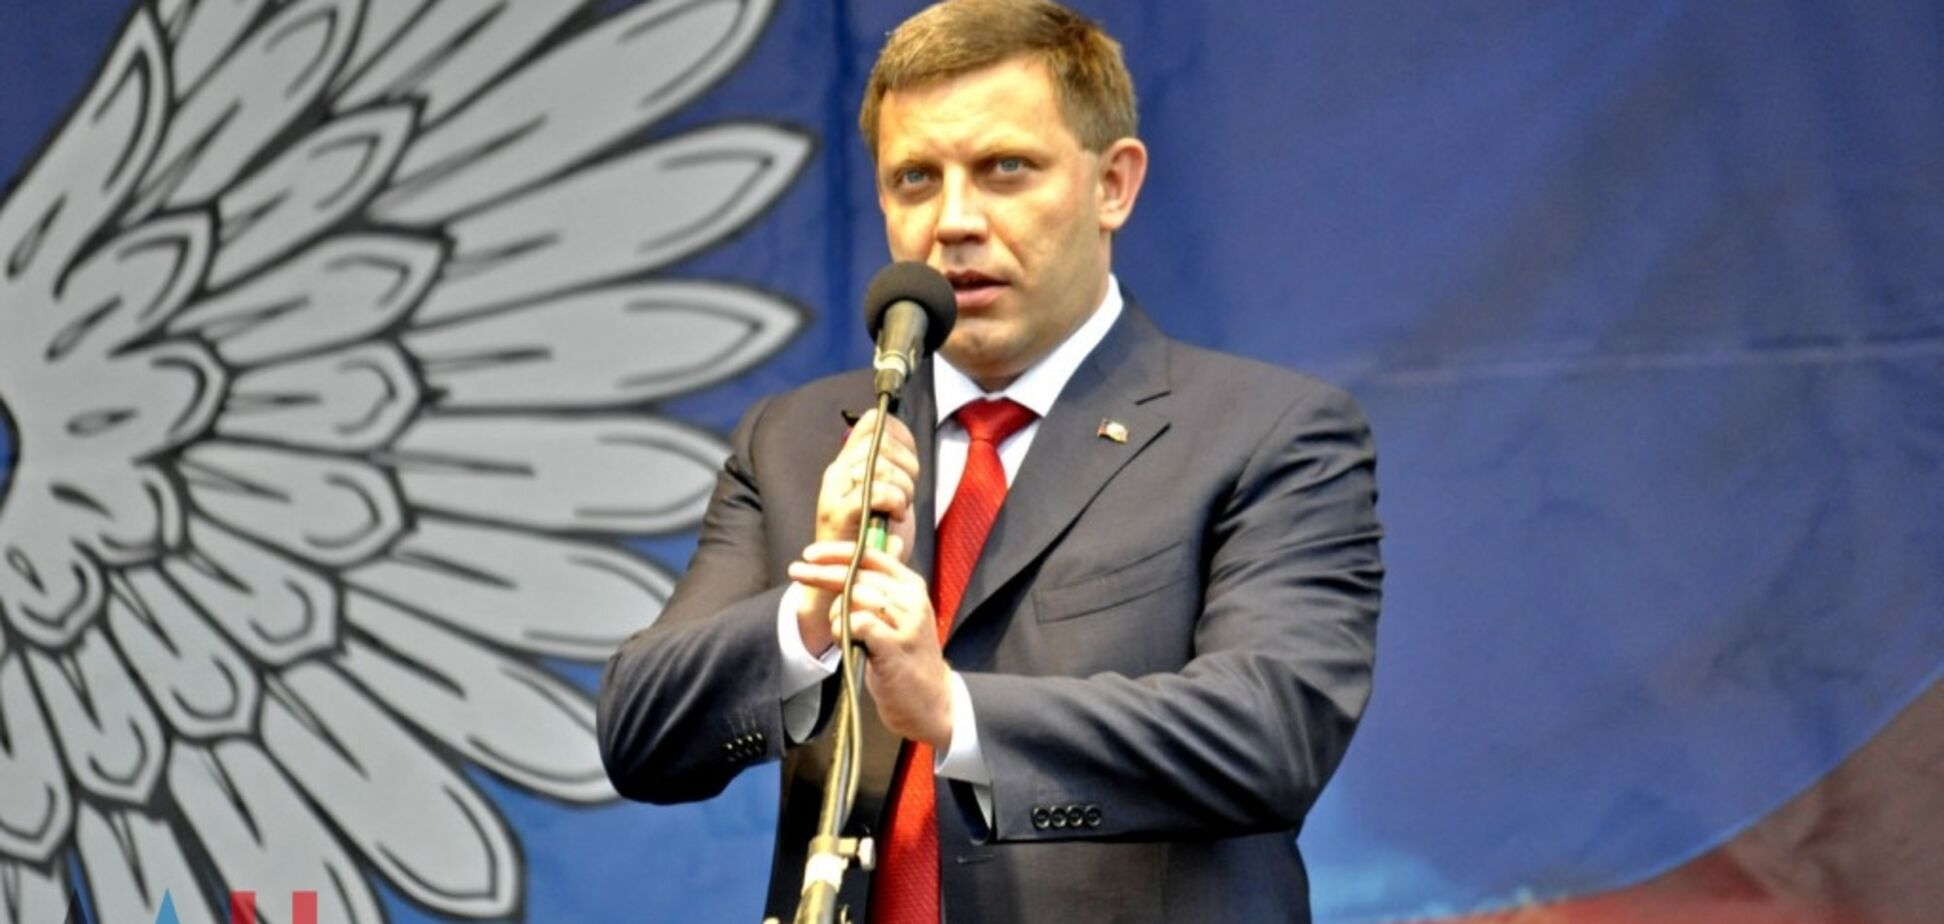 'Культ личности отменяется': на Донбассе рассказали о провале главаря 'ДНР' Захарченко